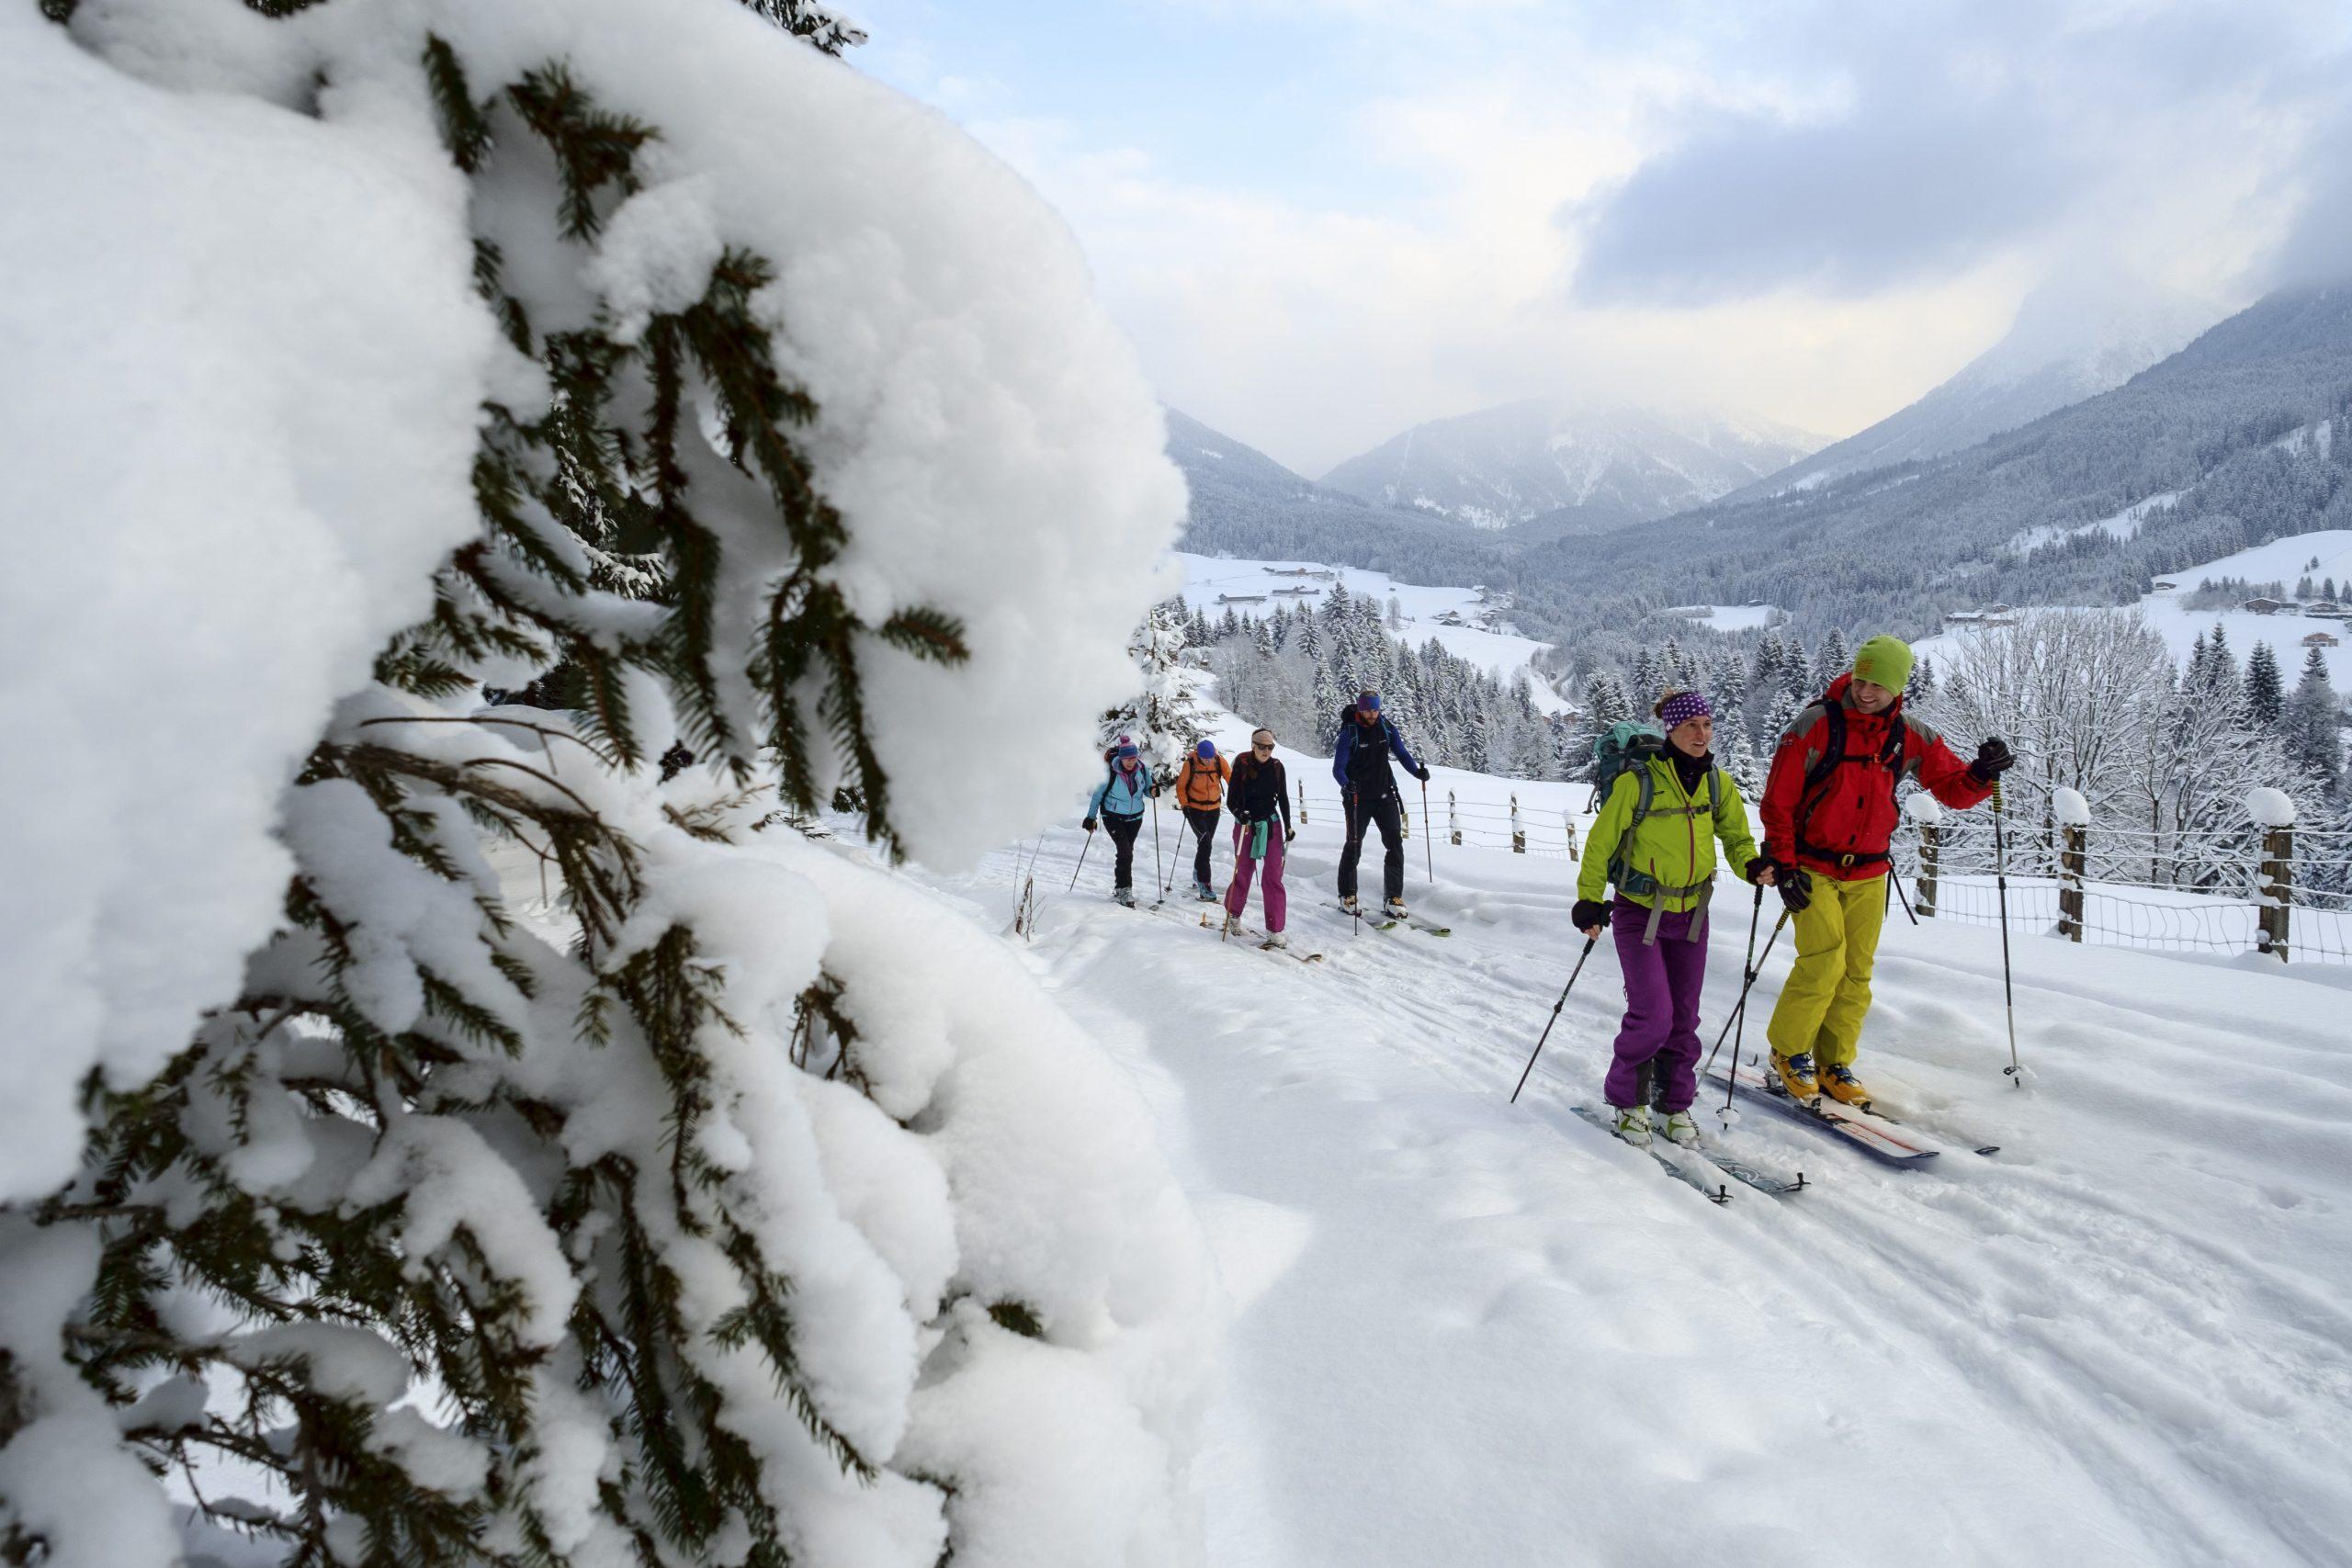 Merkel beißt mit EU-weitem Ski-Verbot auf Granit – Kurz fordert notfalls Entschädigung